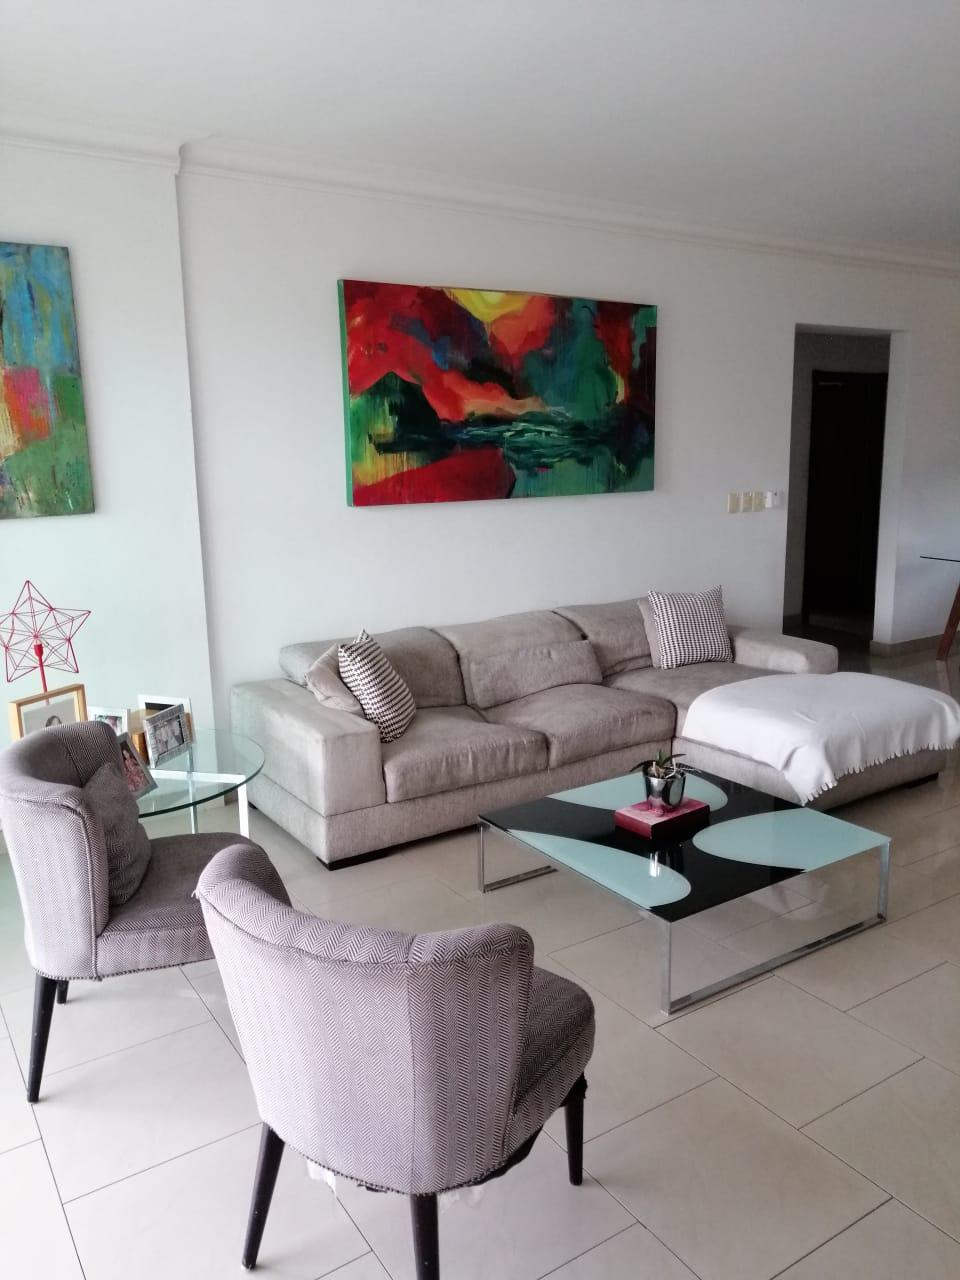 Apartamento en venta en el sector RENACIMIENTO precio US$ 155,000.00 US$155,000